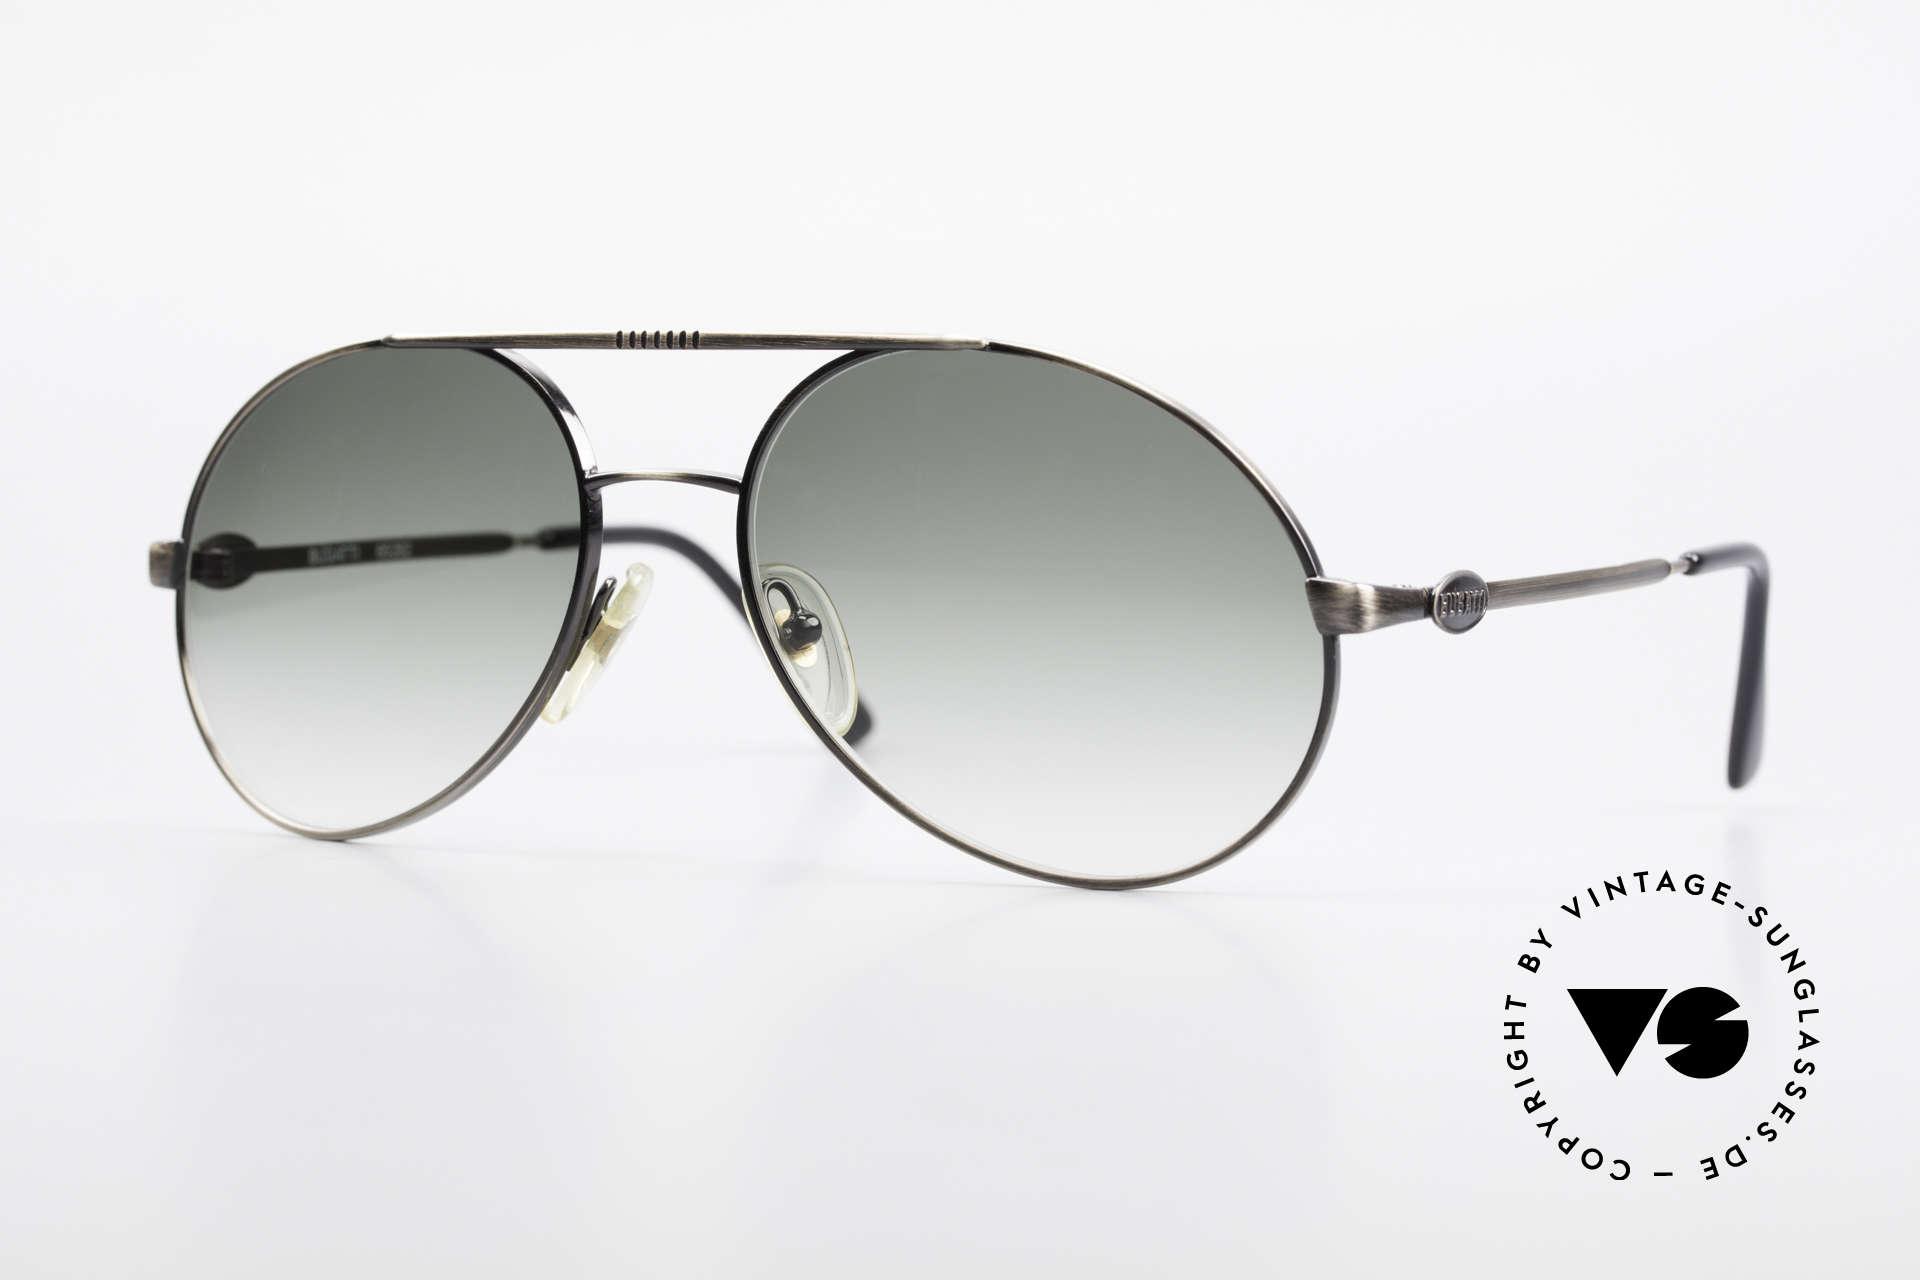 Bugatti 65282 Vintage Herrensonnenbrille, vintage Bugatti XL Sonnenbrille aus dem Jahre 1988, Passend für Herren